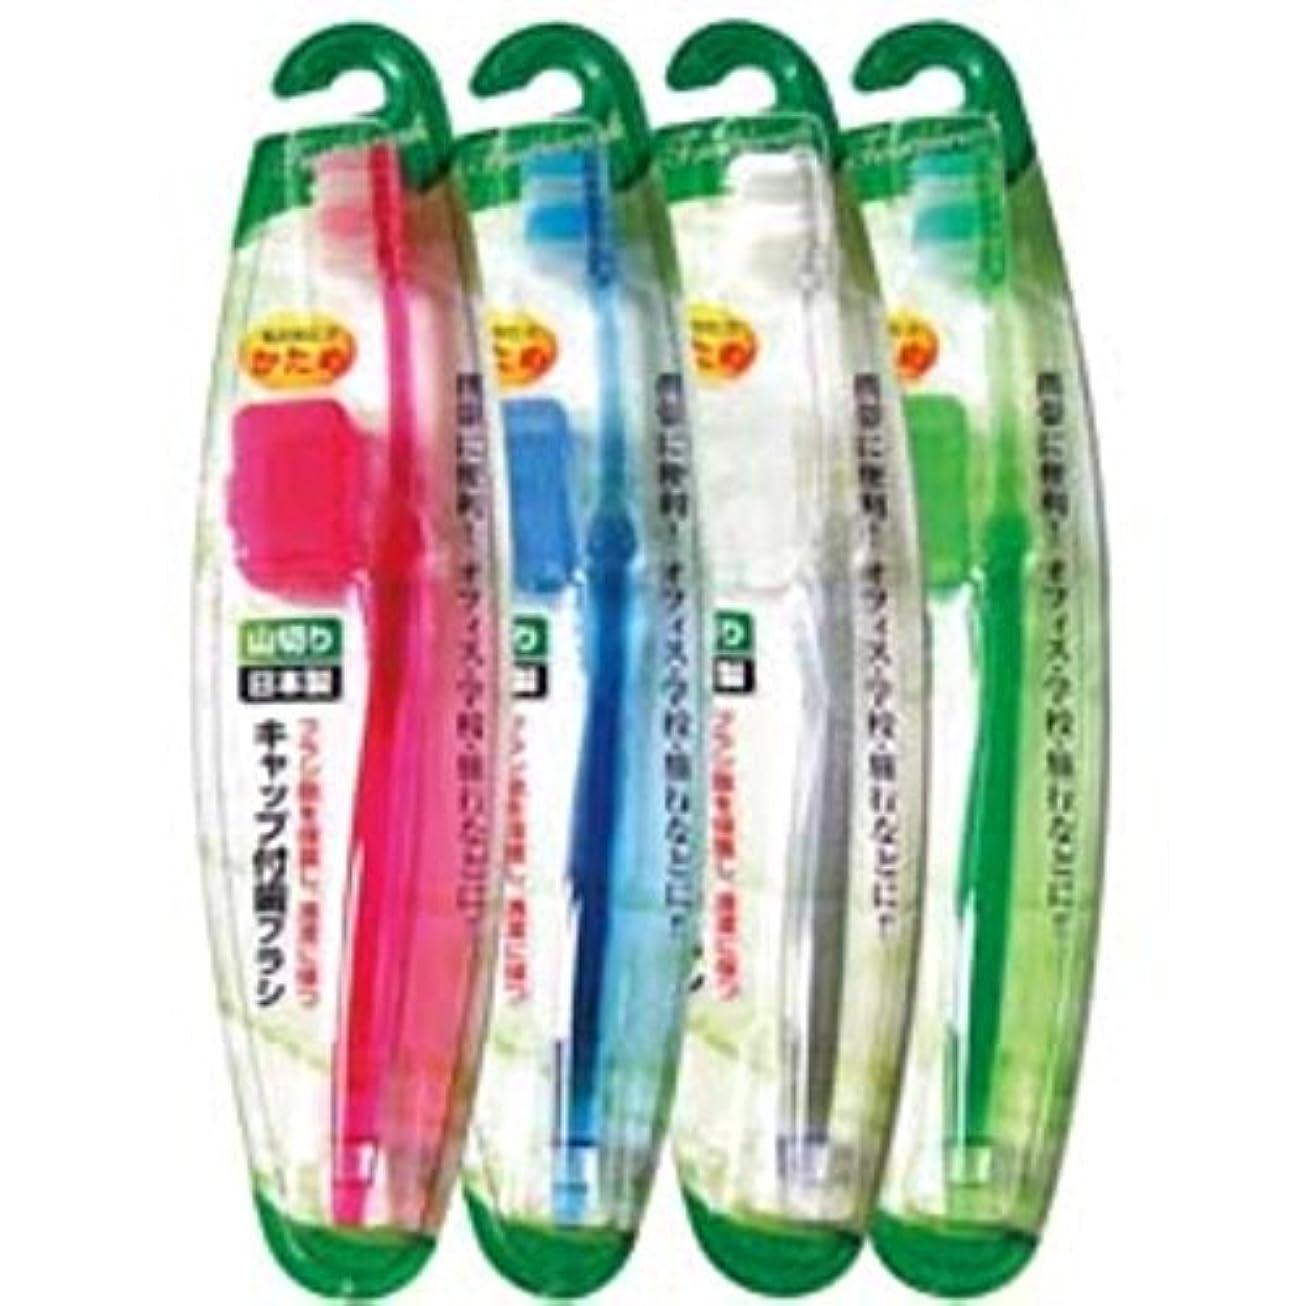 ゆり免疫新聞キャップ付歯ブラシ山切りカット(かため)日本製 japan 【まとめ買い12個セット】 41-210